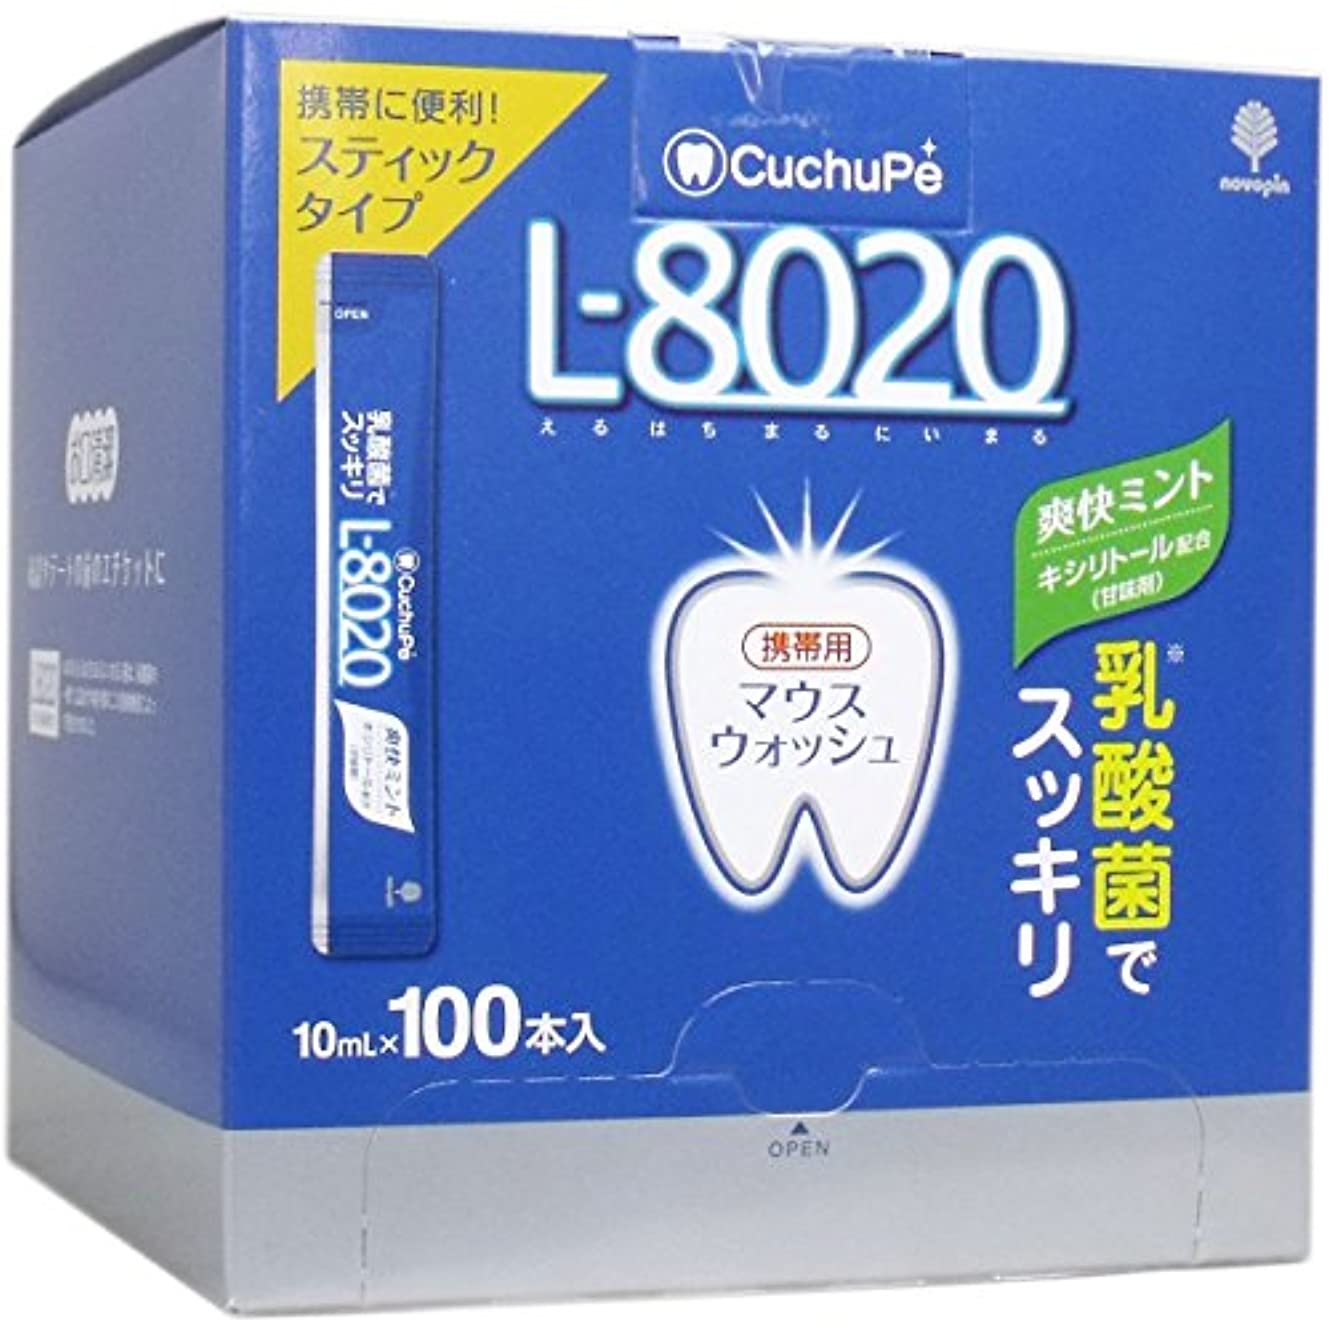 恐竜新しい意味霧クチュッペ L-8020 マウスウォッシュ 爽快ミント スティックタイプ 100本入